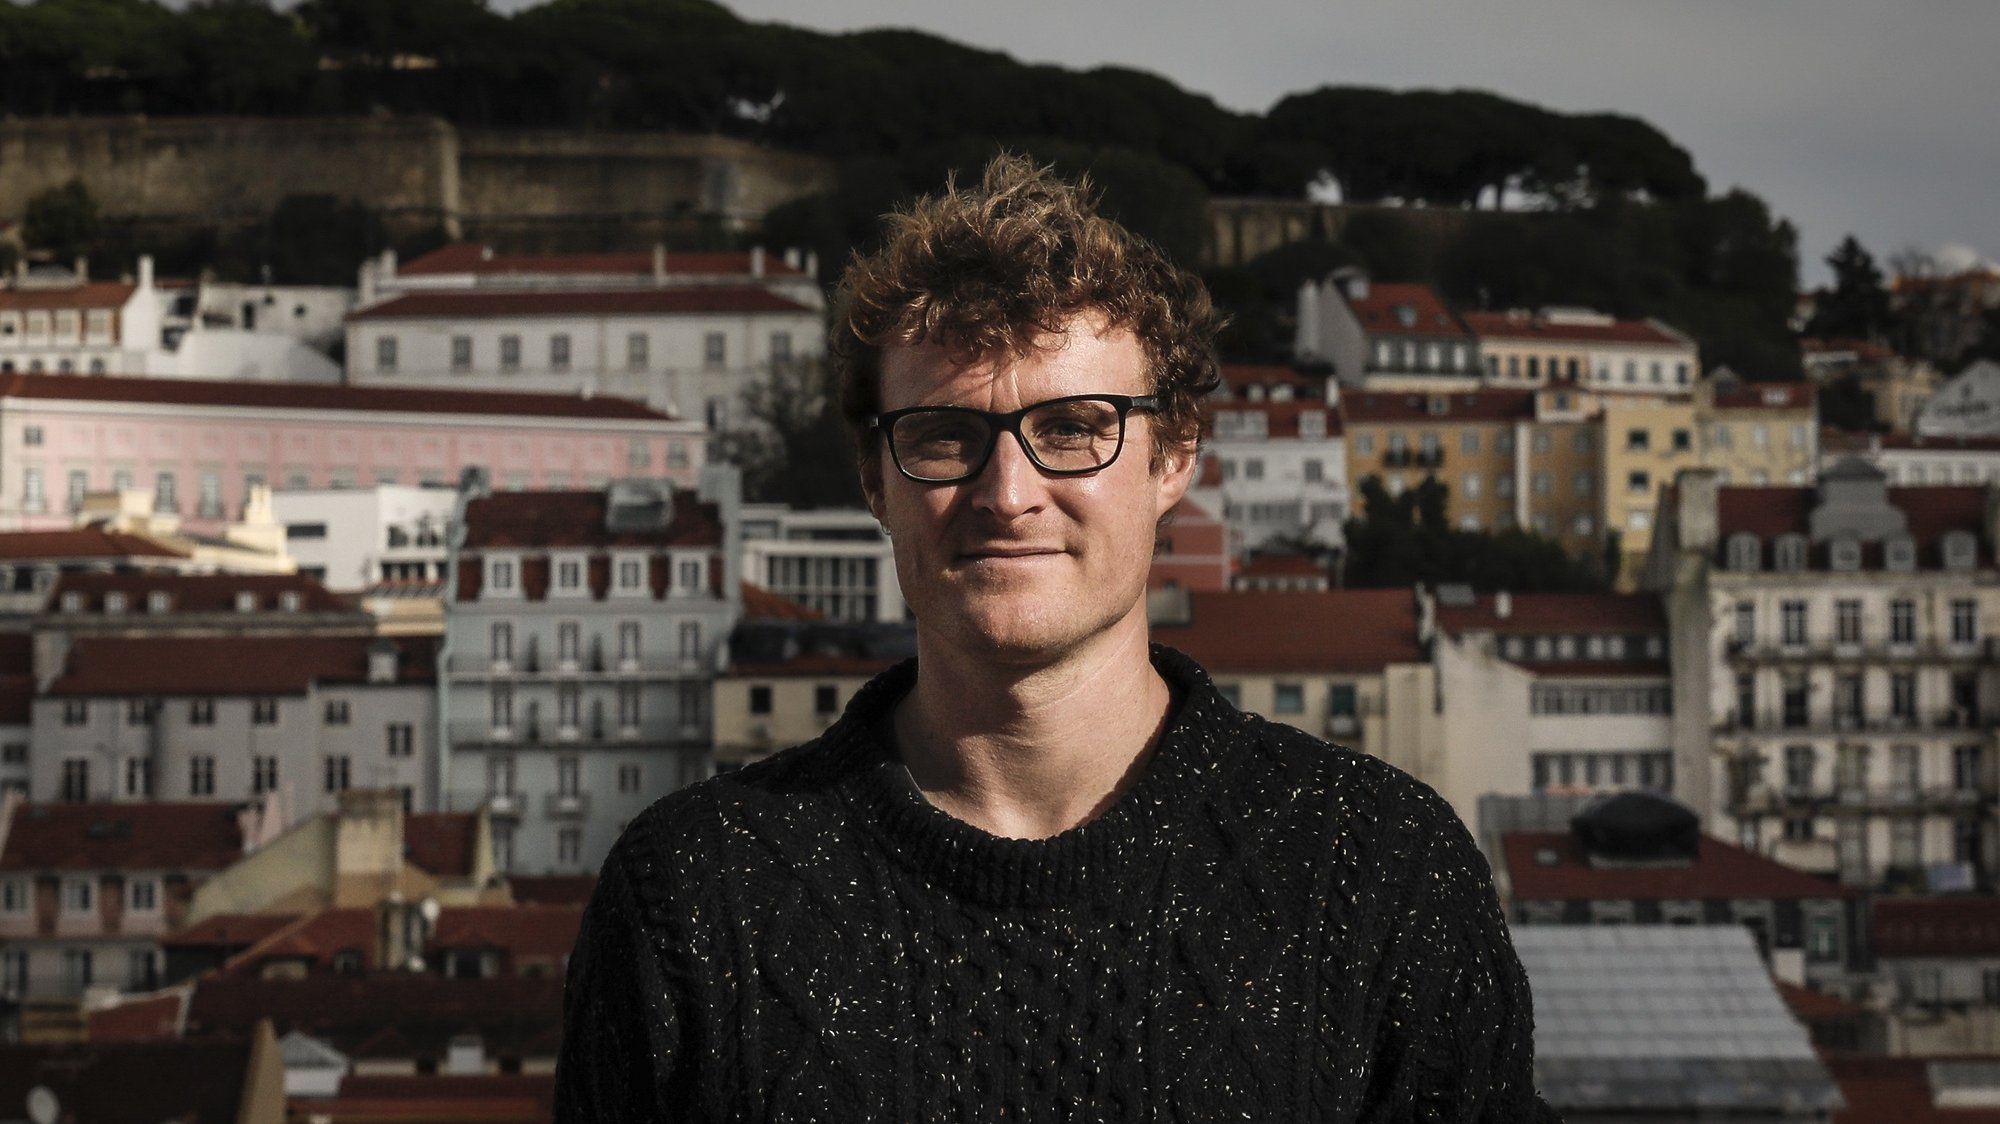 O co-fundador da Web Summit, Paddy Cosgrave, durante uma entrevista à Agência Lusa, em Lisboa, 26 de novembro de 2020. (ACOMPANHA TEXTO DE 27/11/2020) RODRIGO ANTUNES/LUSA